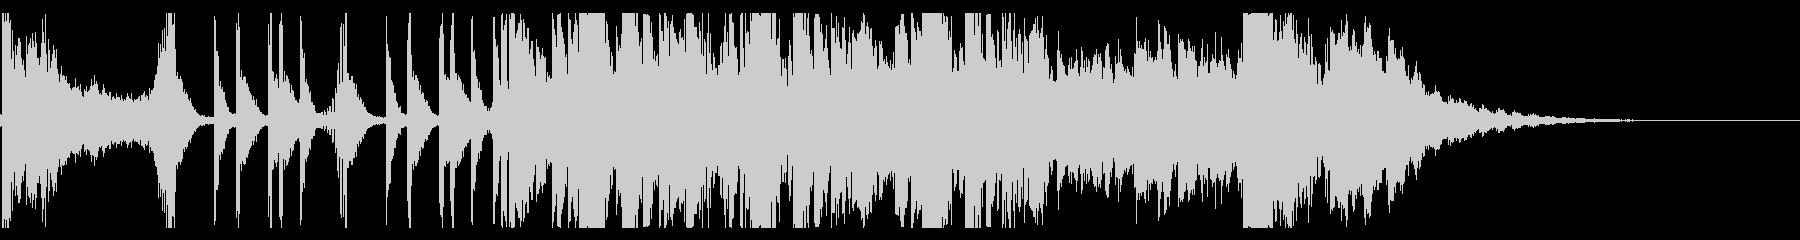 最先端なティーザー向きダークエレクトロの未再生の波形